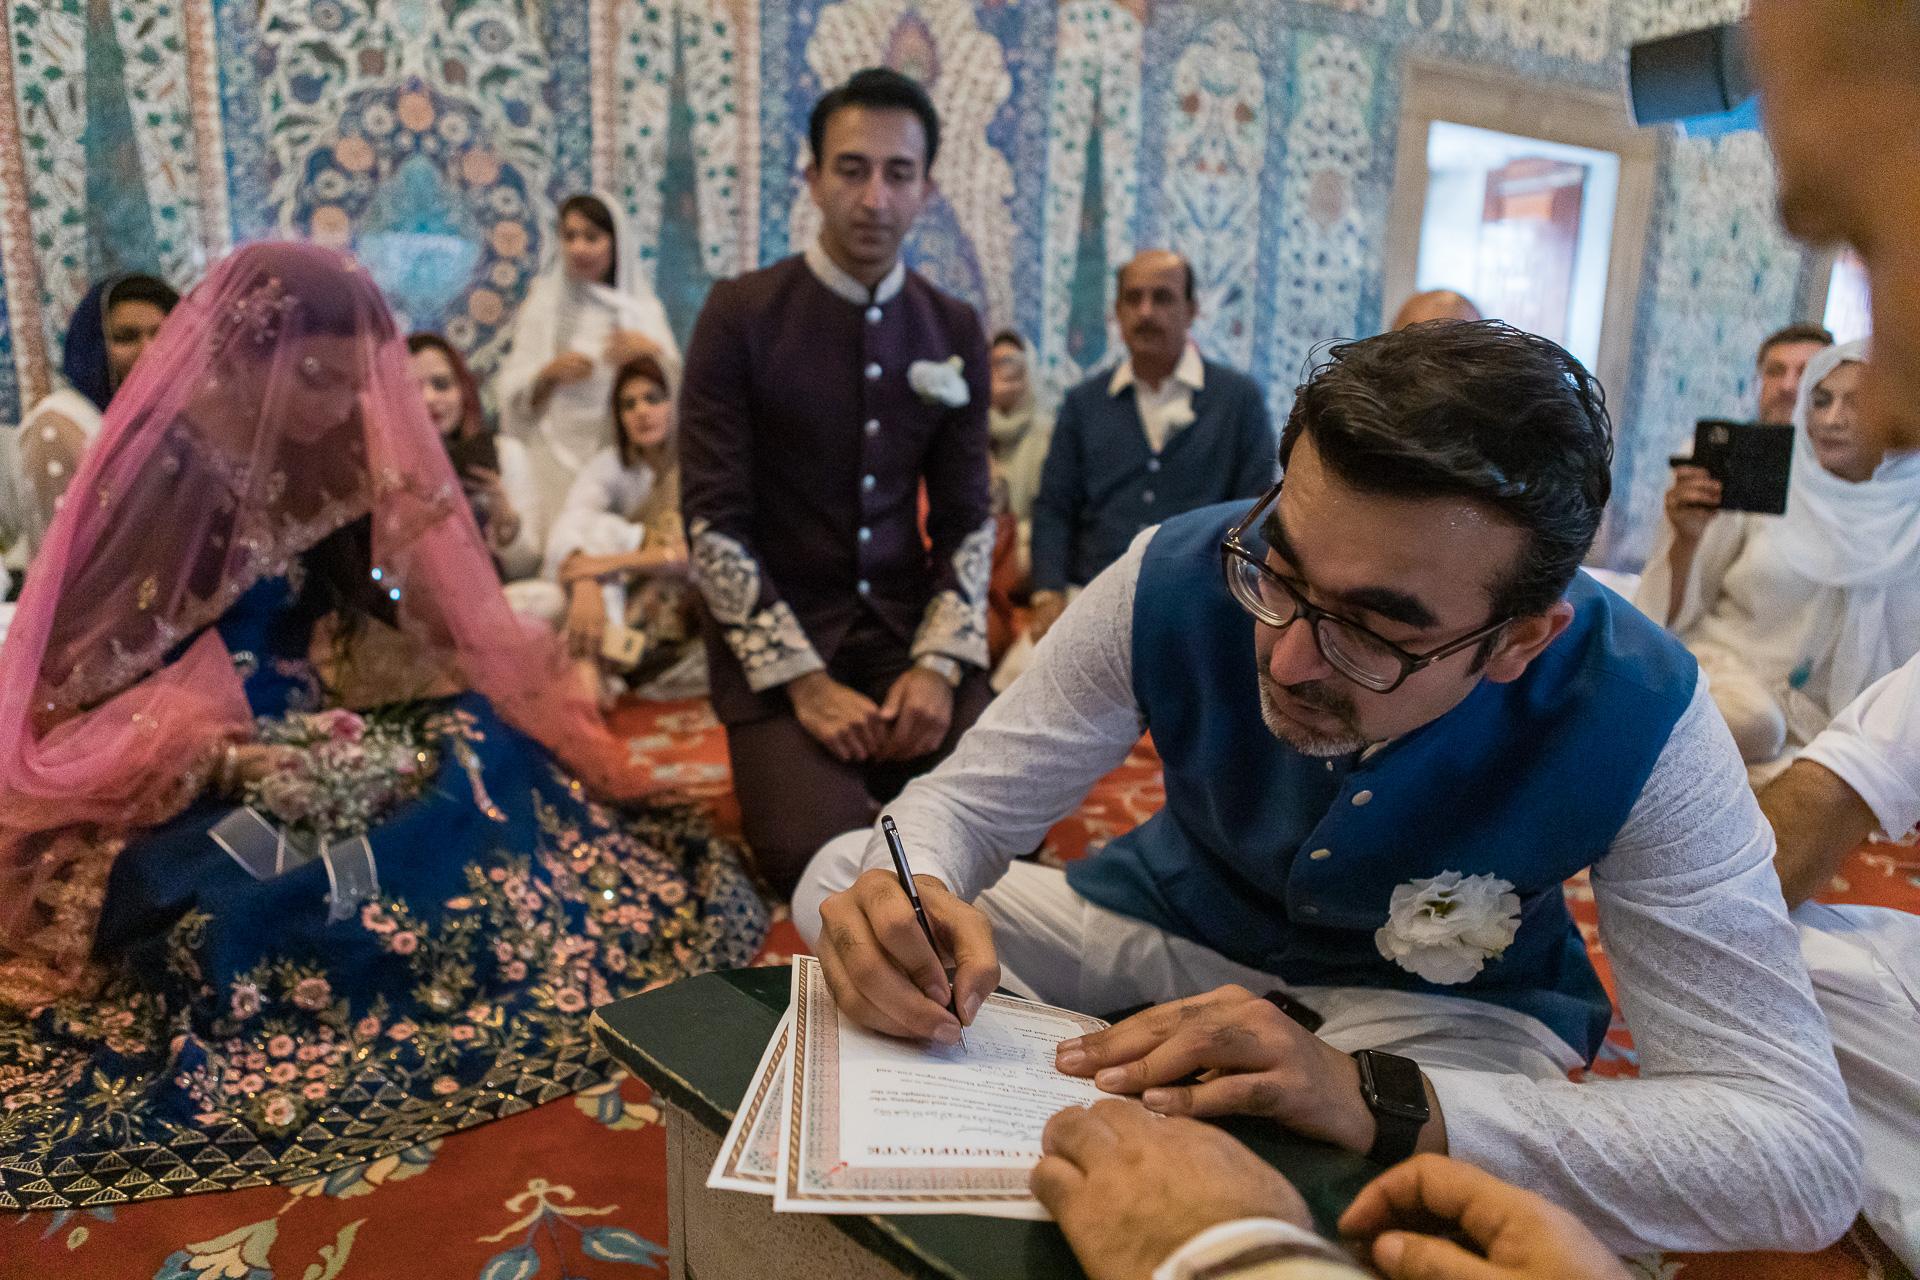 Istanbul Elopement Ceremony Bild aus der Türkei | Der Bruder der Braut unterschreibt die Heiratsurkunden